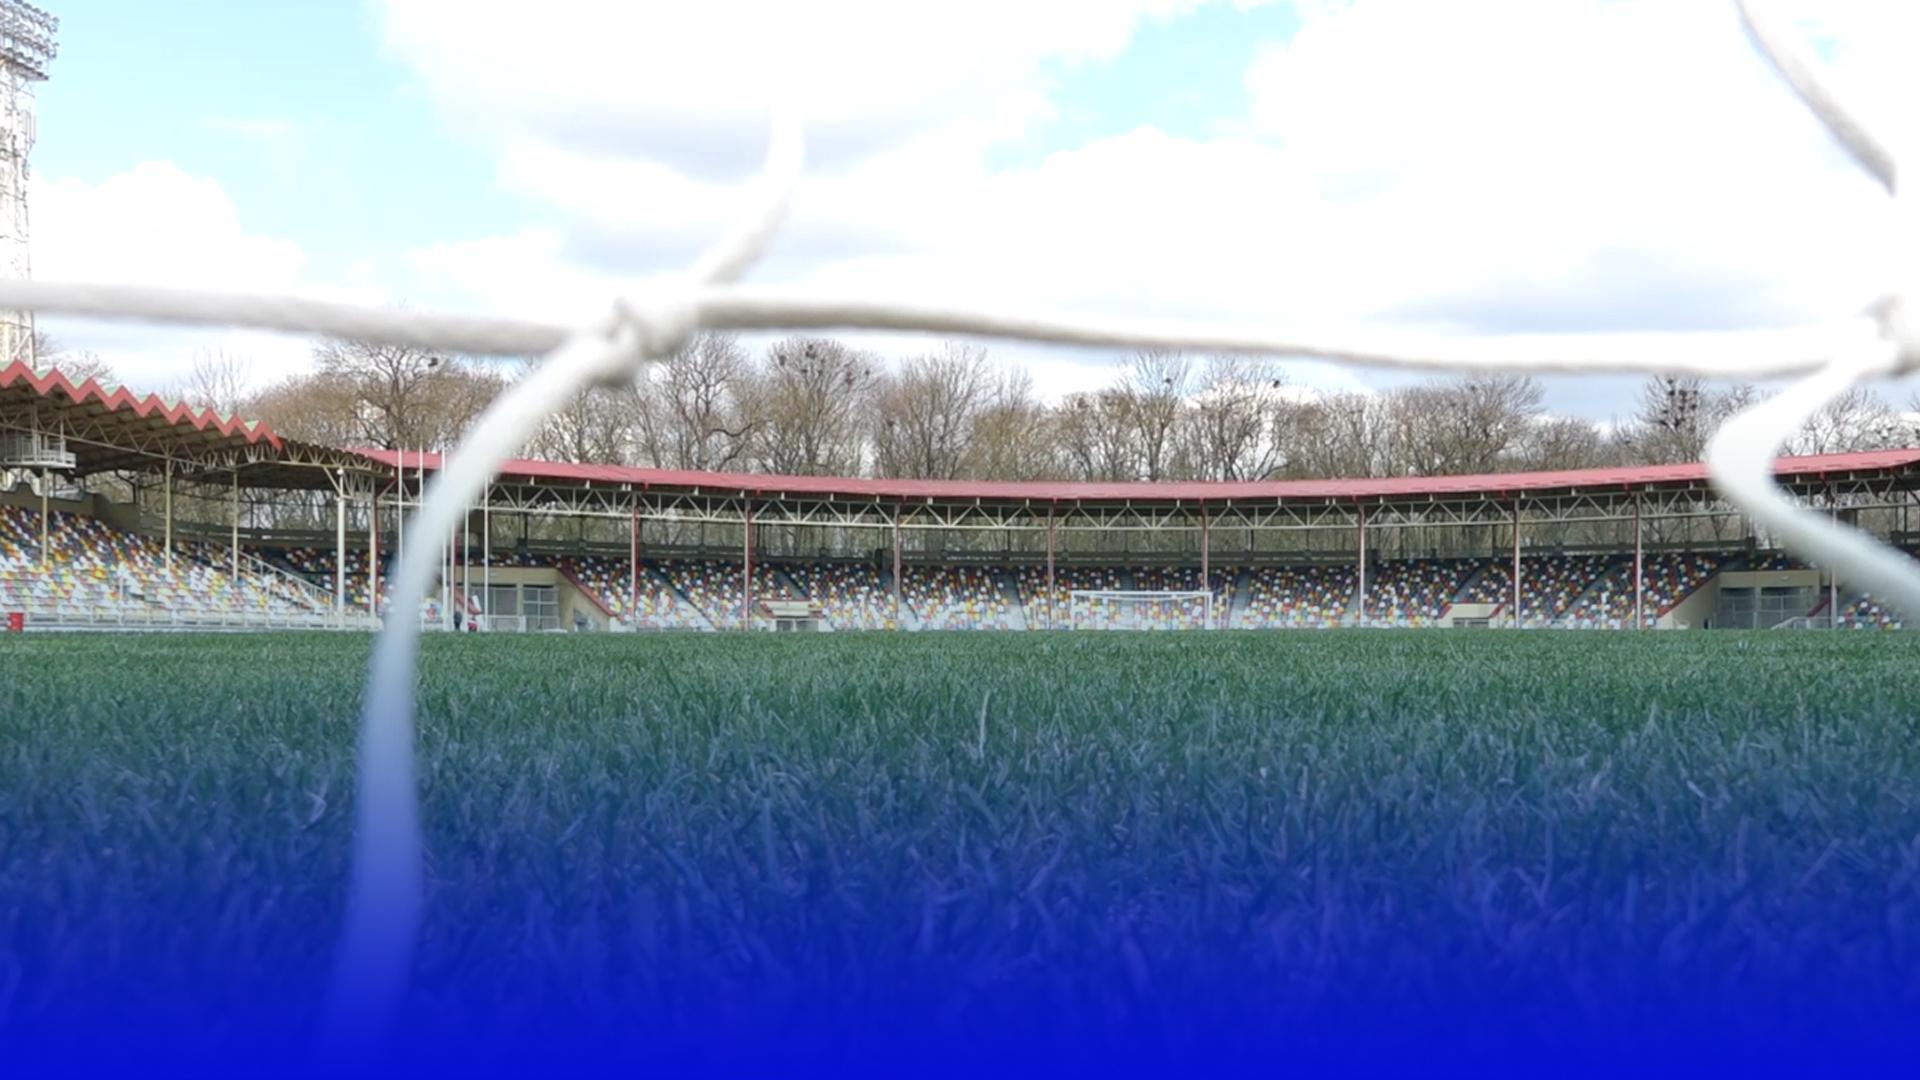 Не більше 3000: стільки глядачів перебуватиме на стадіоні під час фіналу Кубку України з футболу